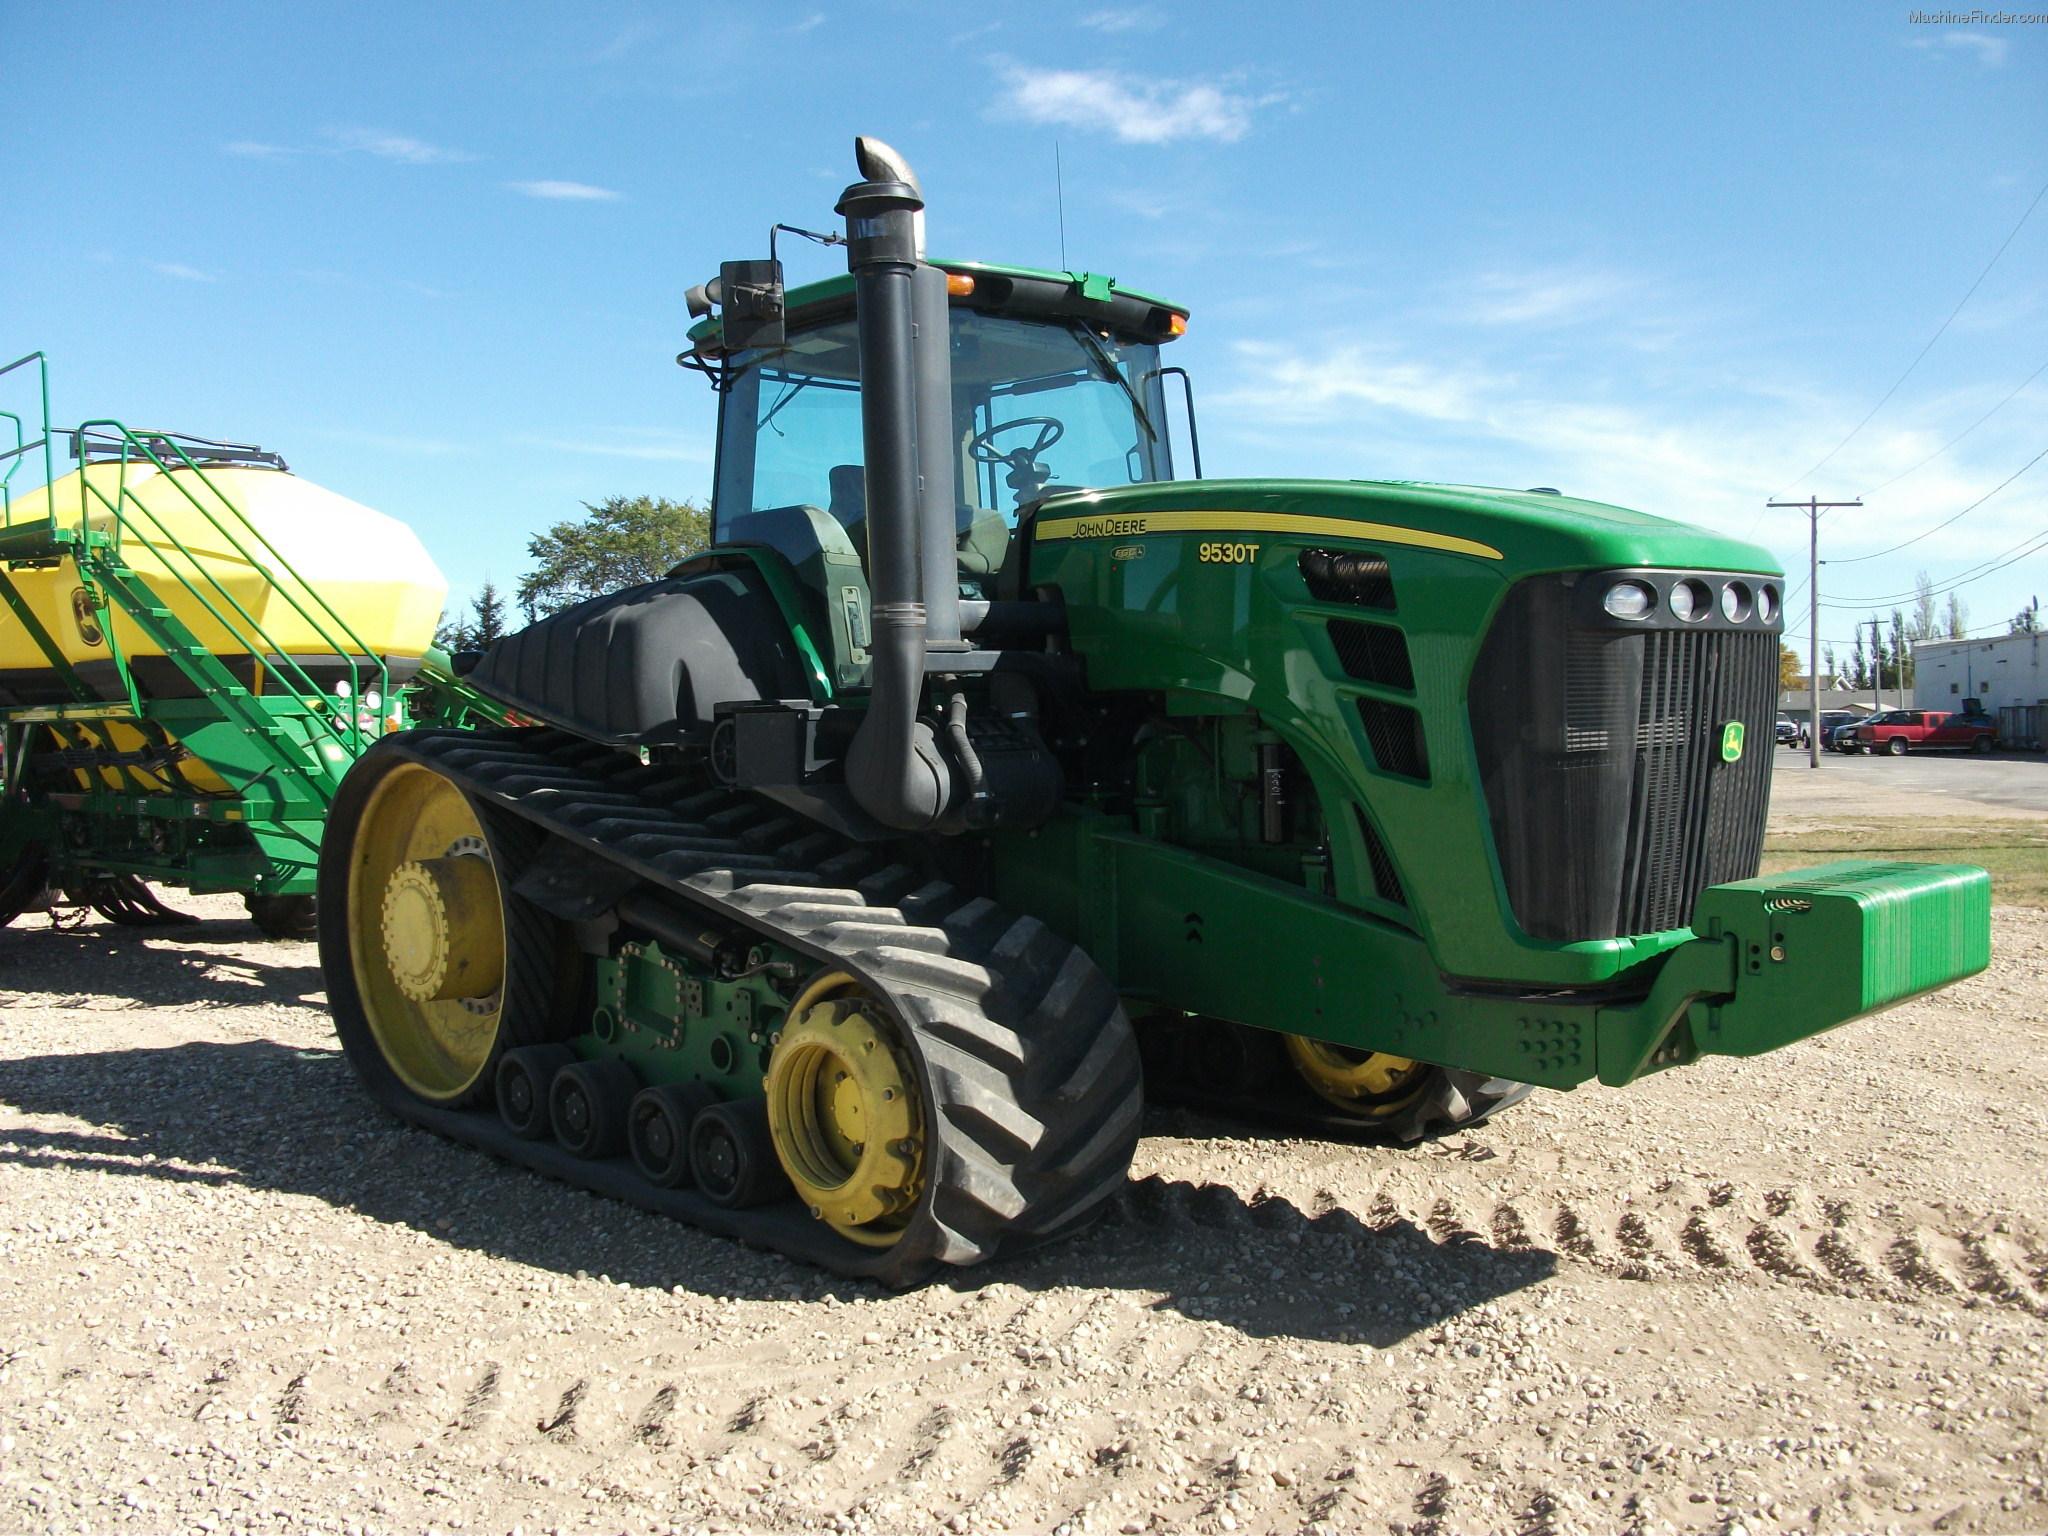 2007 John Deere 9530T Tractors - Articulated 4WD - John ...